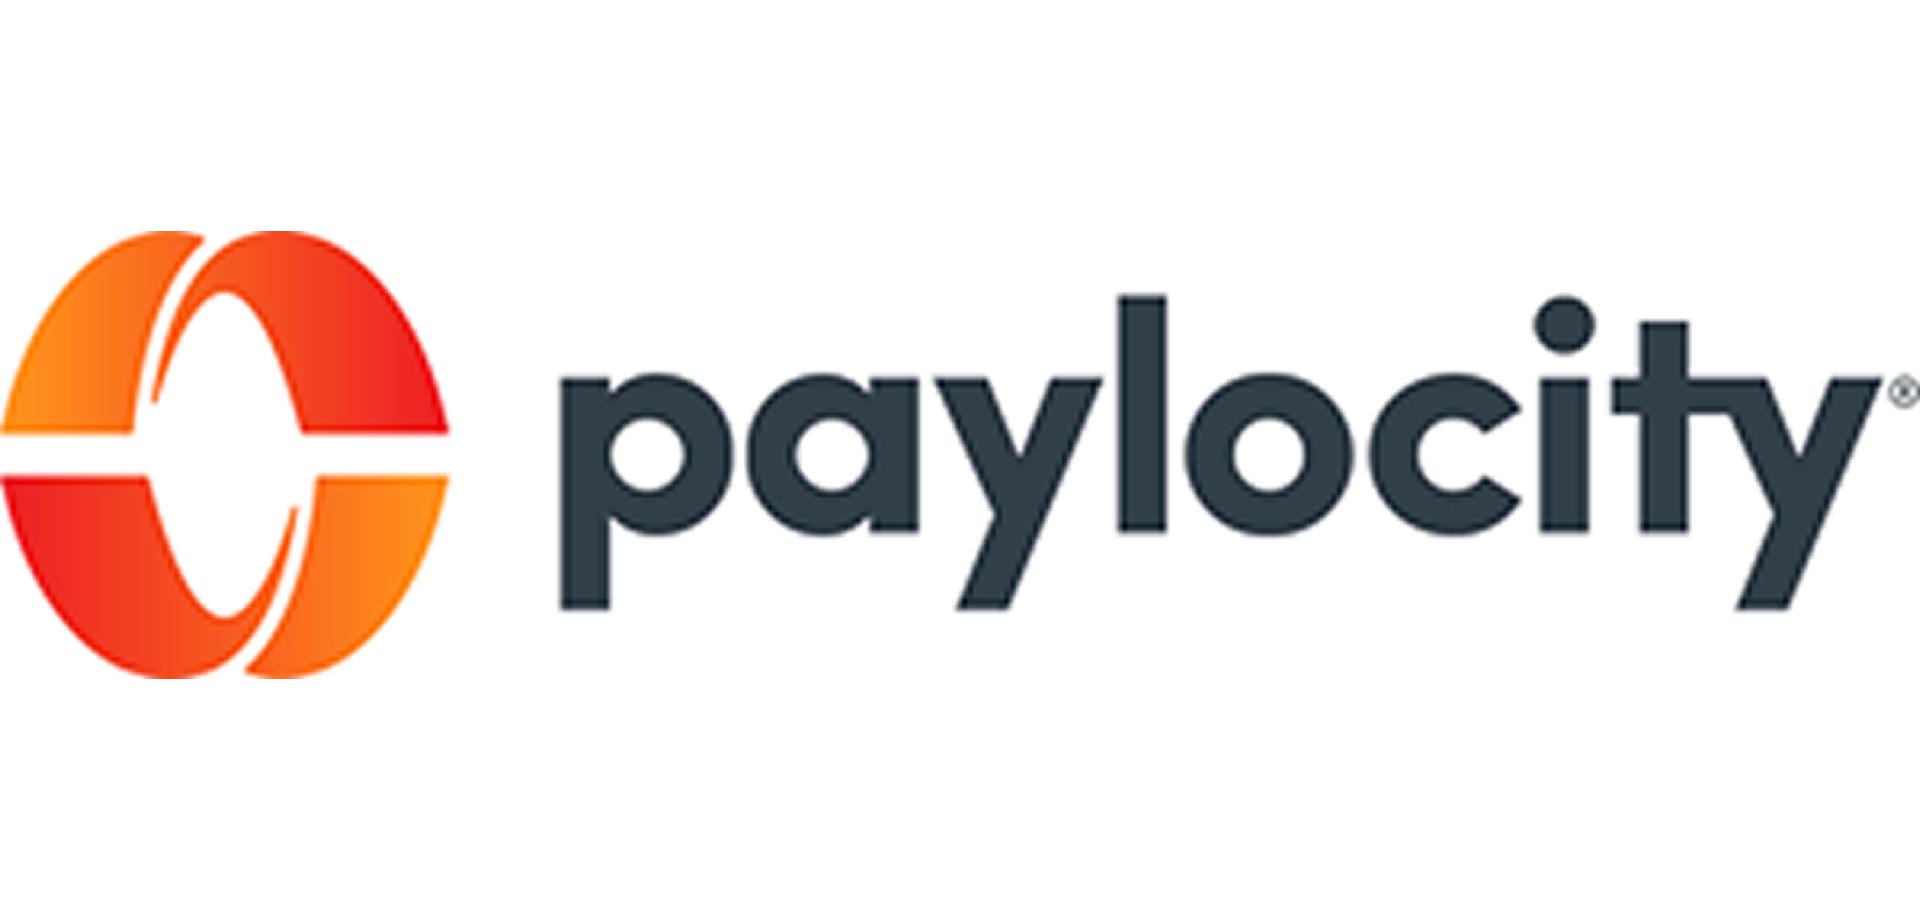 paylologo